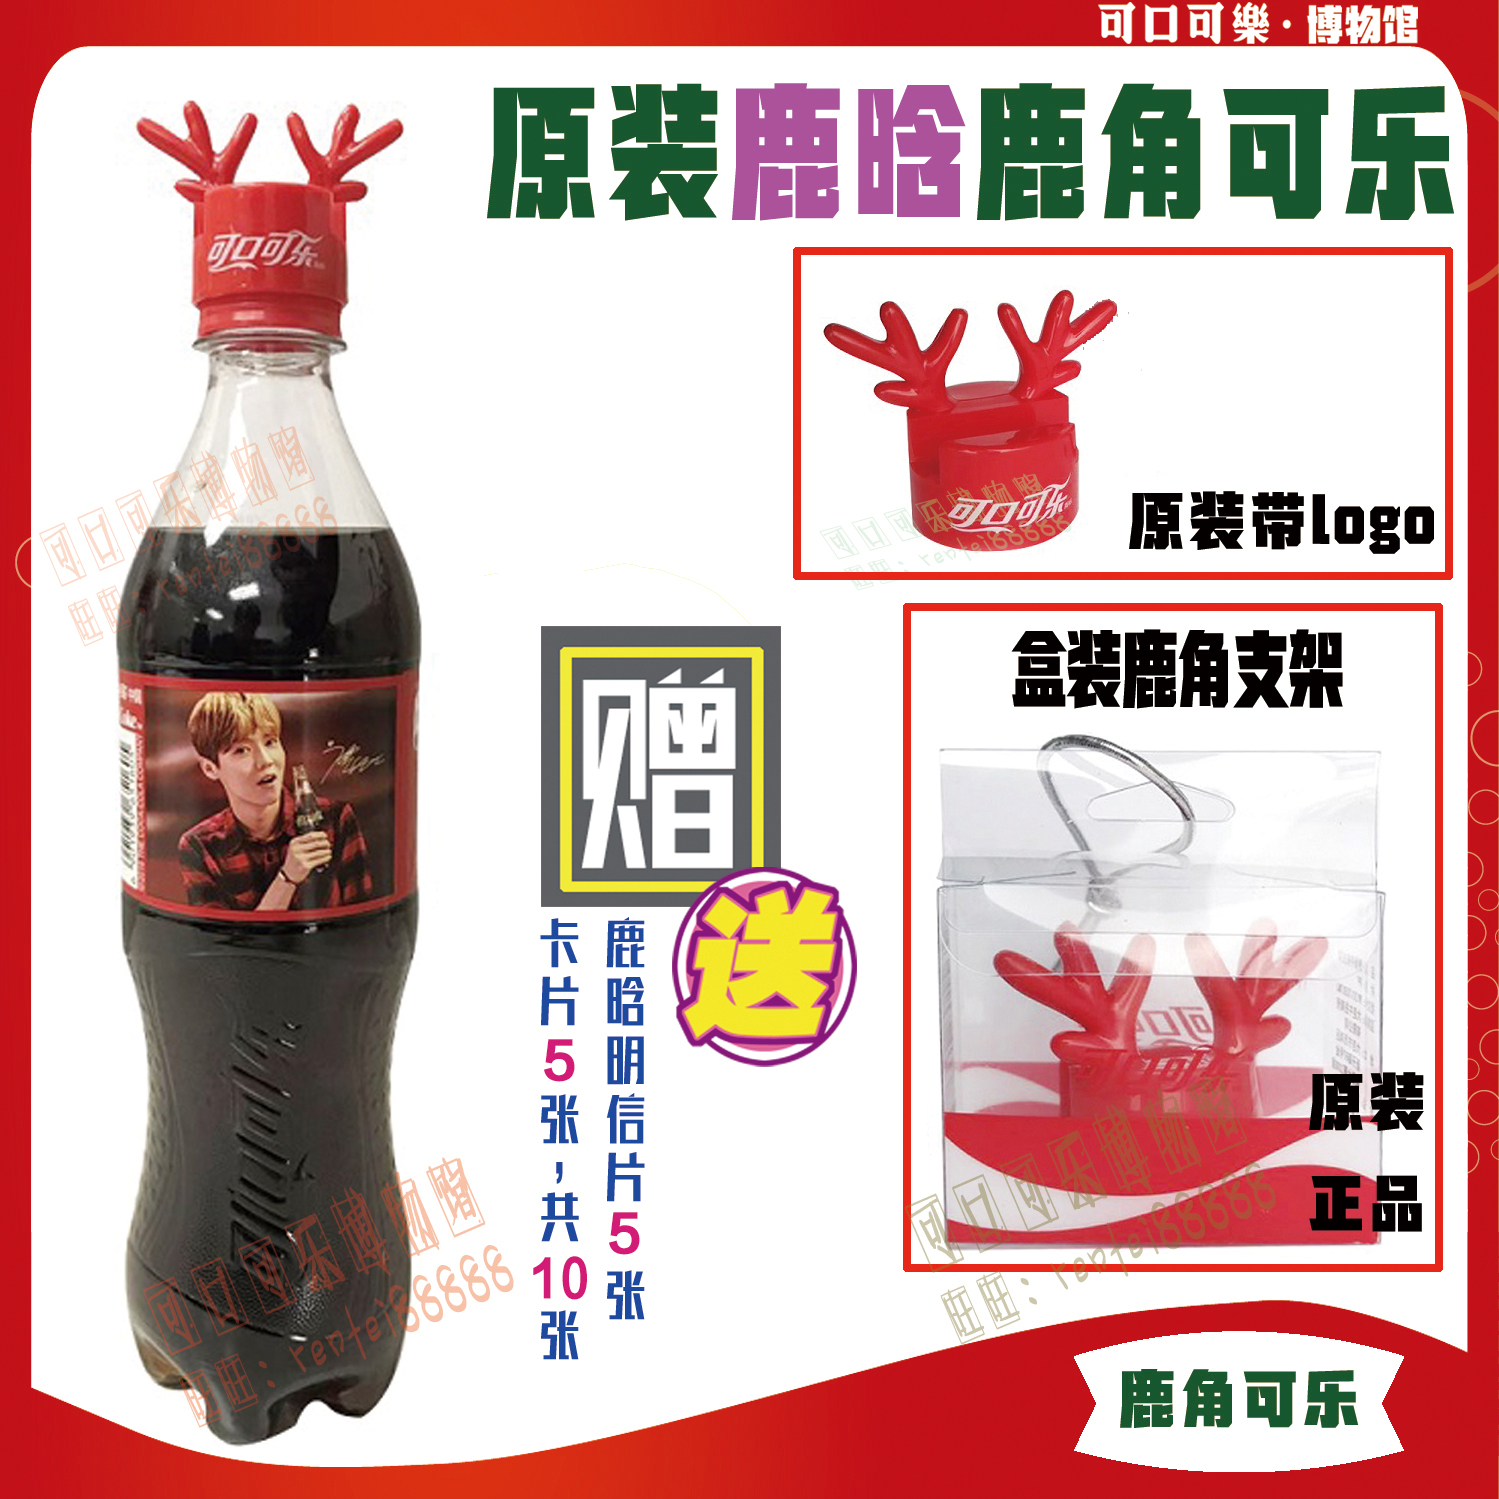 Сувенир Coca-Cola Панты Кока-Колы тайный язык бутылок олень Хан ограниченным тиражом рога рога рога рога бутылка крышка держатель телефона чехол